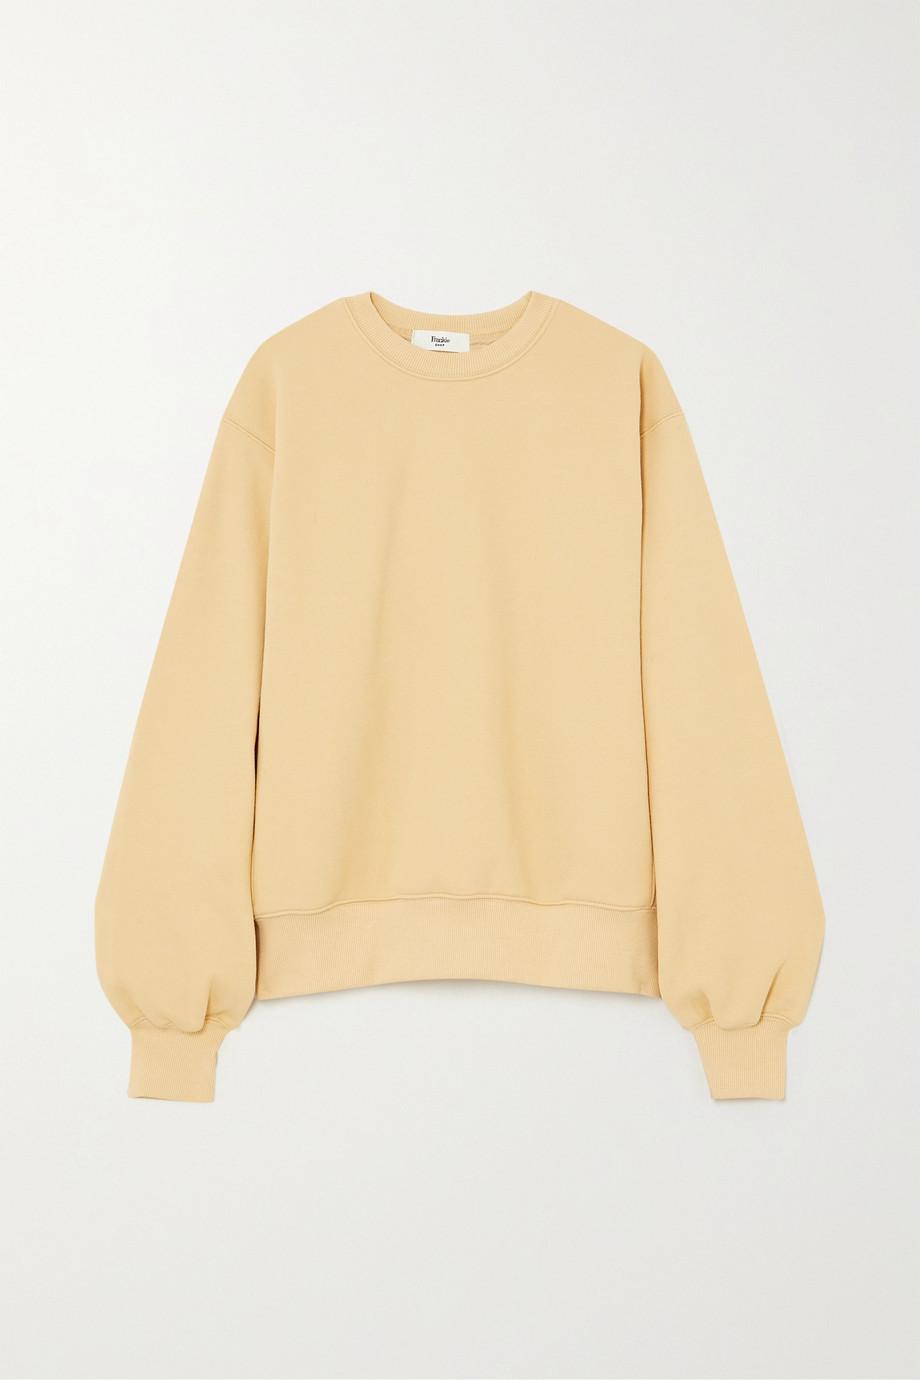 Frankie Shop Vanessa Sweatshirt aus Baumwoll-Jersey